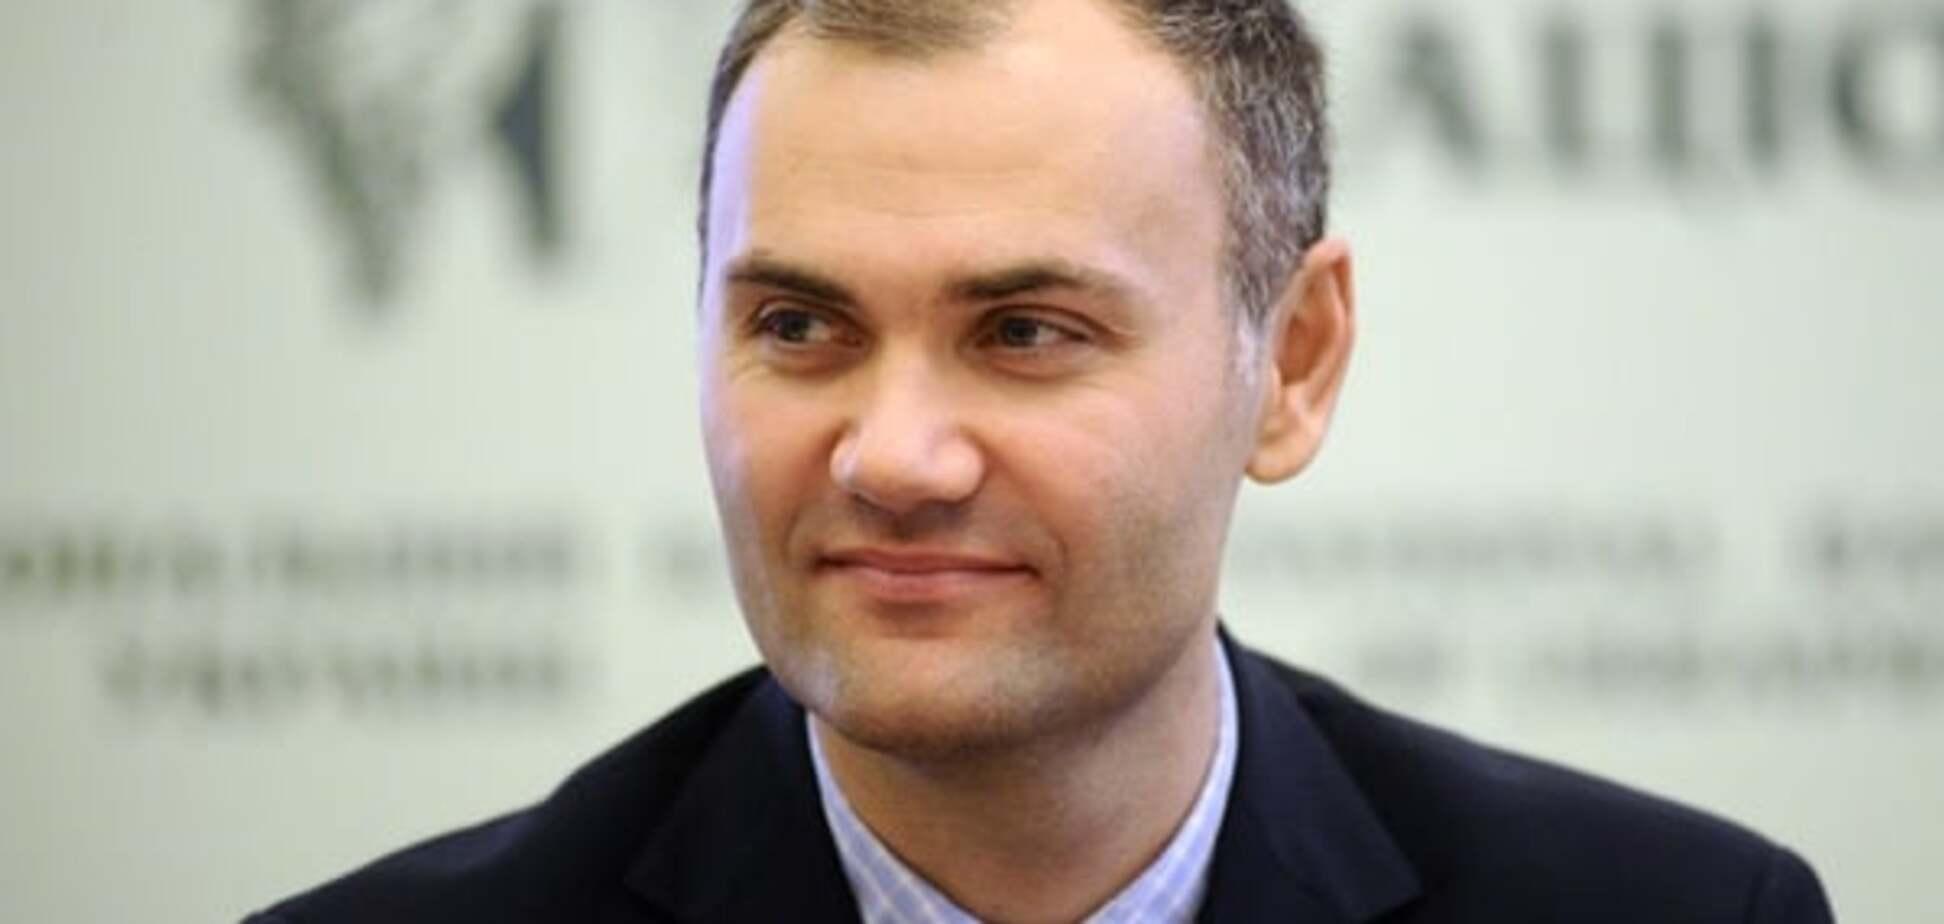 Луценко: Колобов может подписать соглашение со следствием